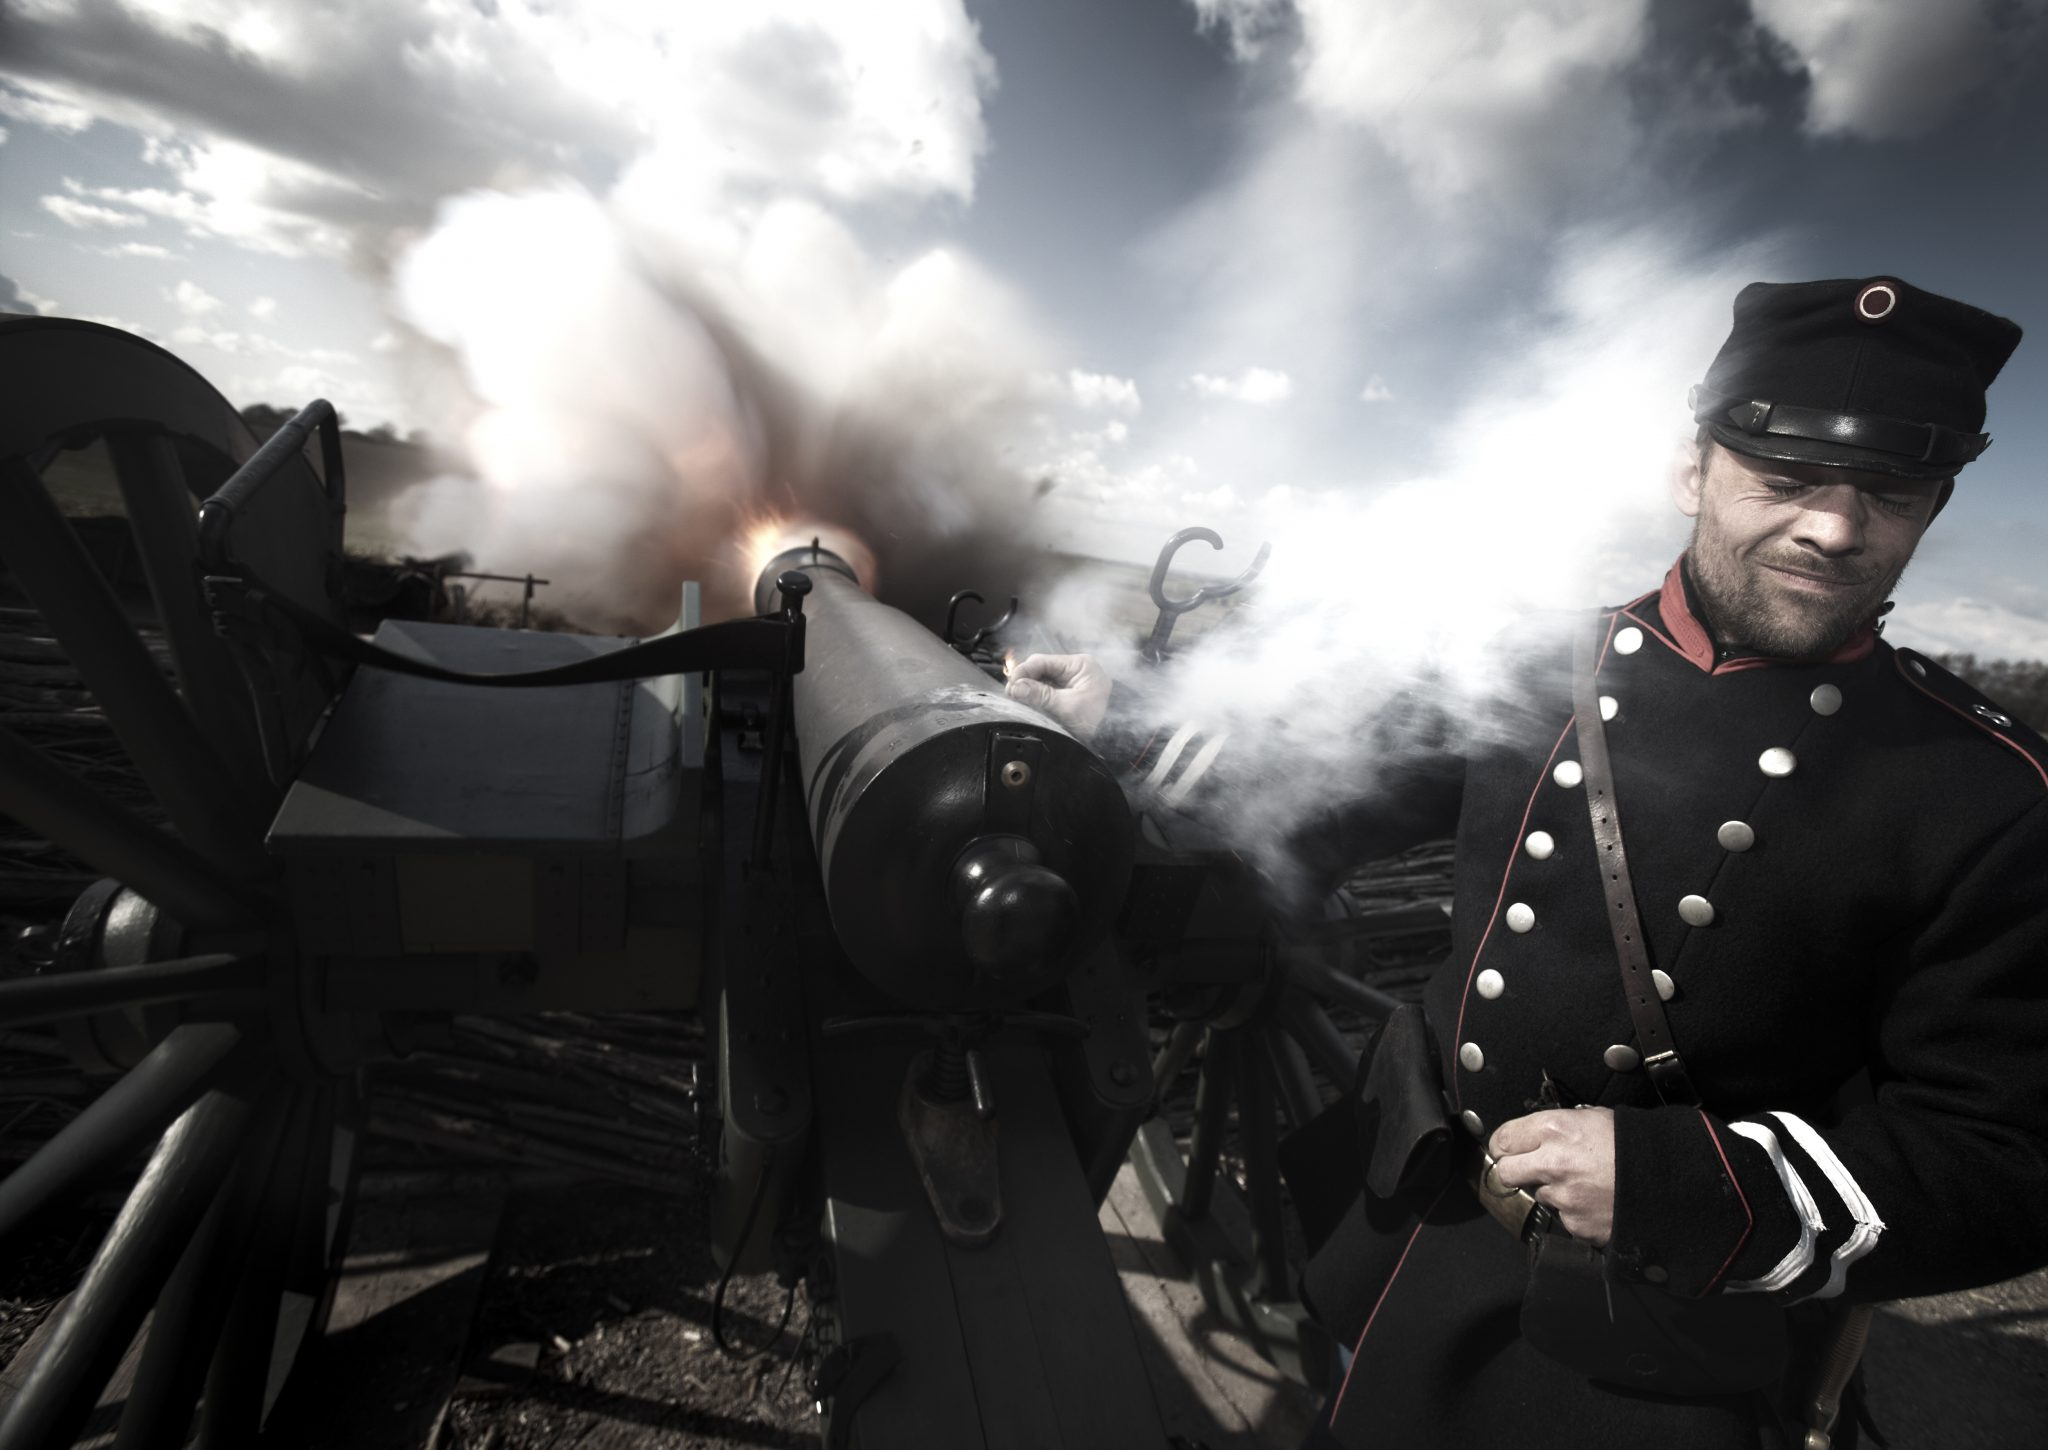 Kanoner på Historiecenter Dybbøl Banke